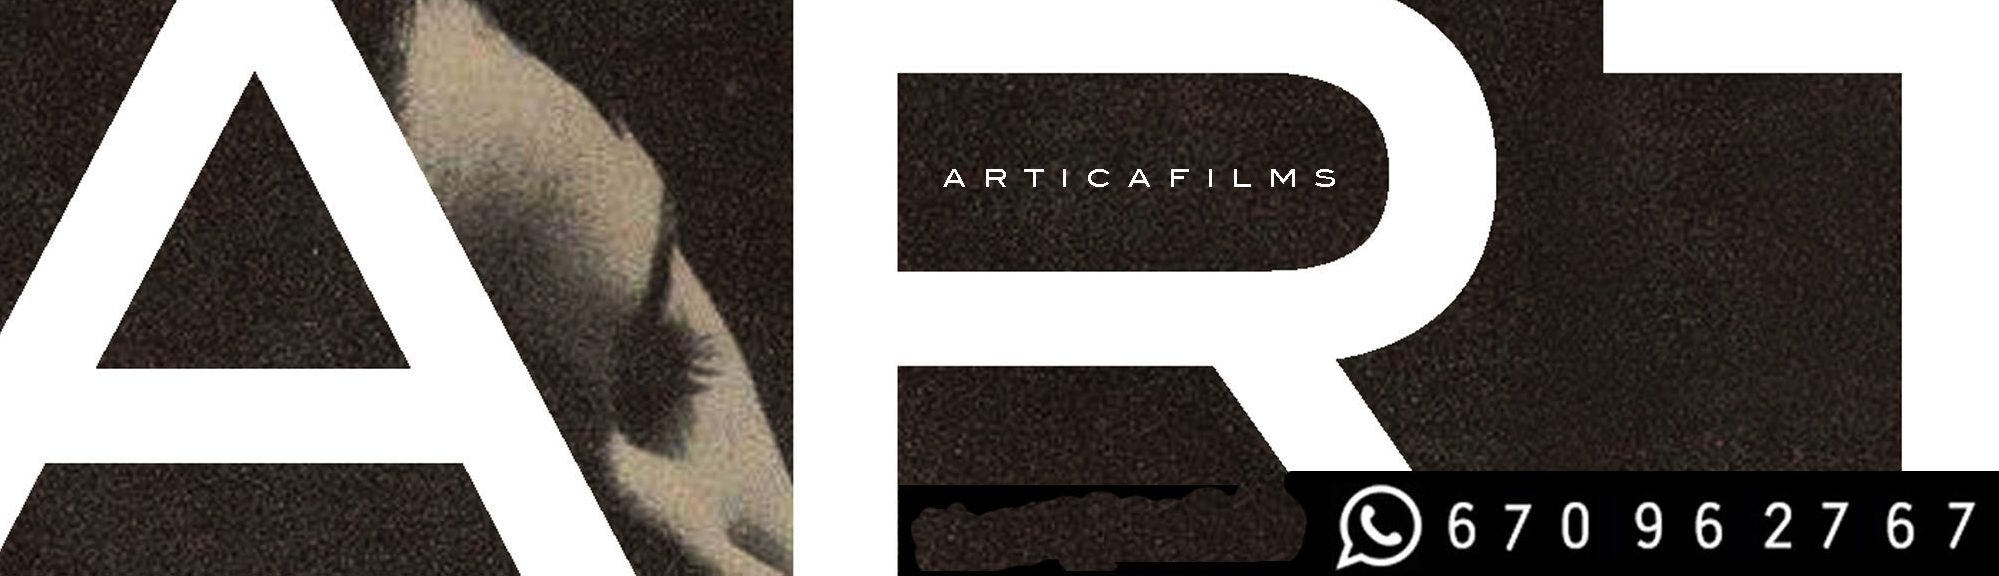 Videoclips, publicidad, fotografía, videos web, documentales, arte Barcelona